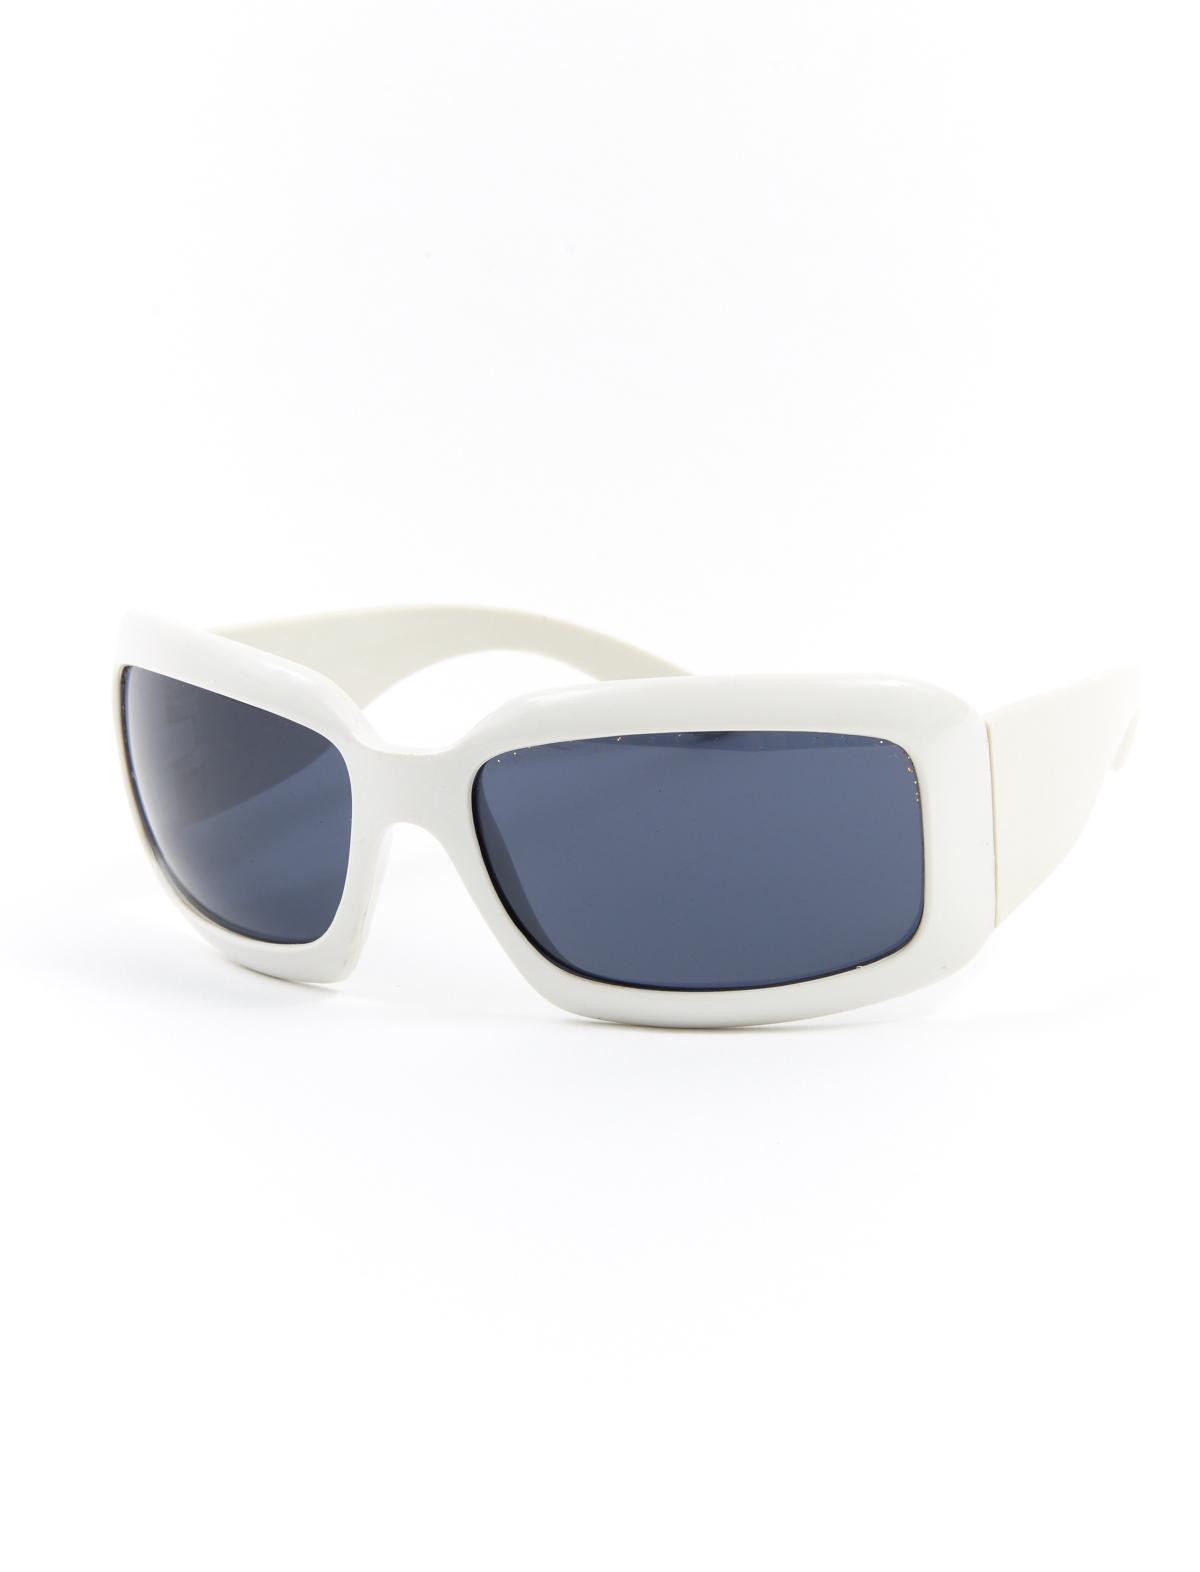 Brille weiß, rechteckige Gläser